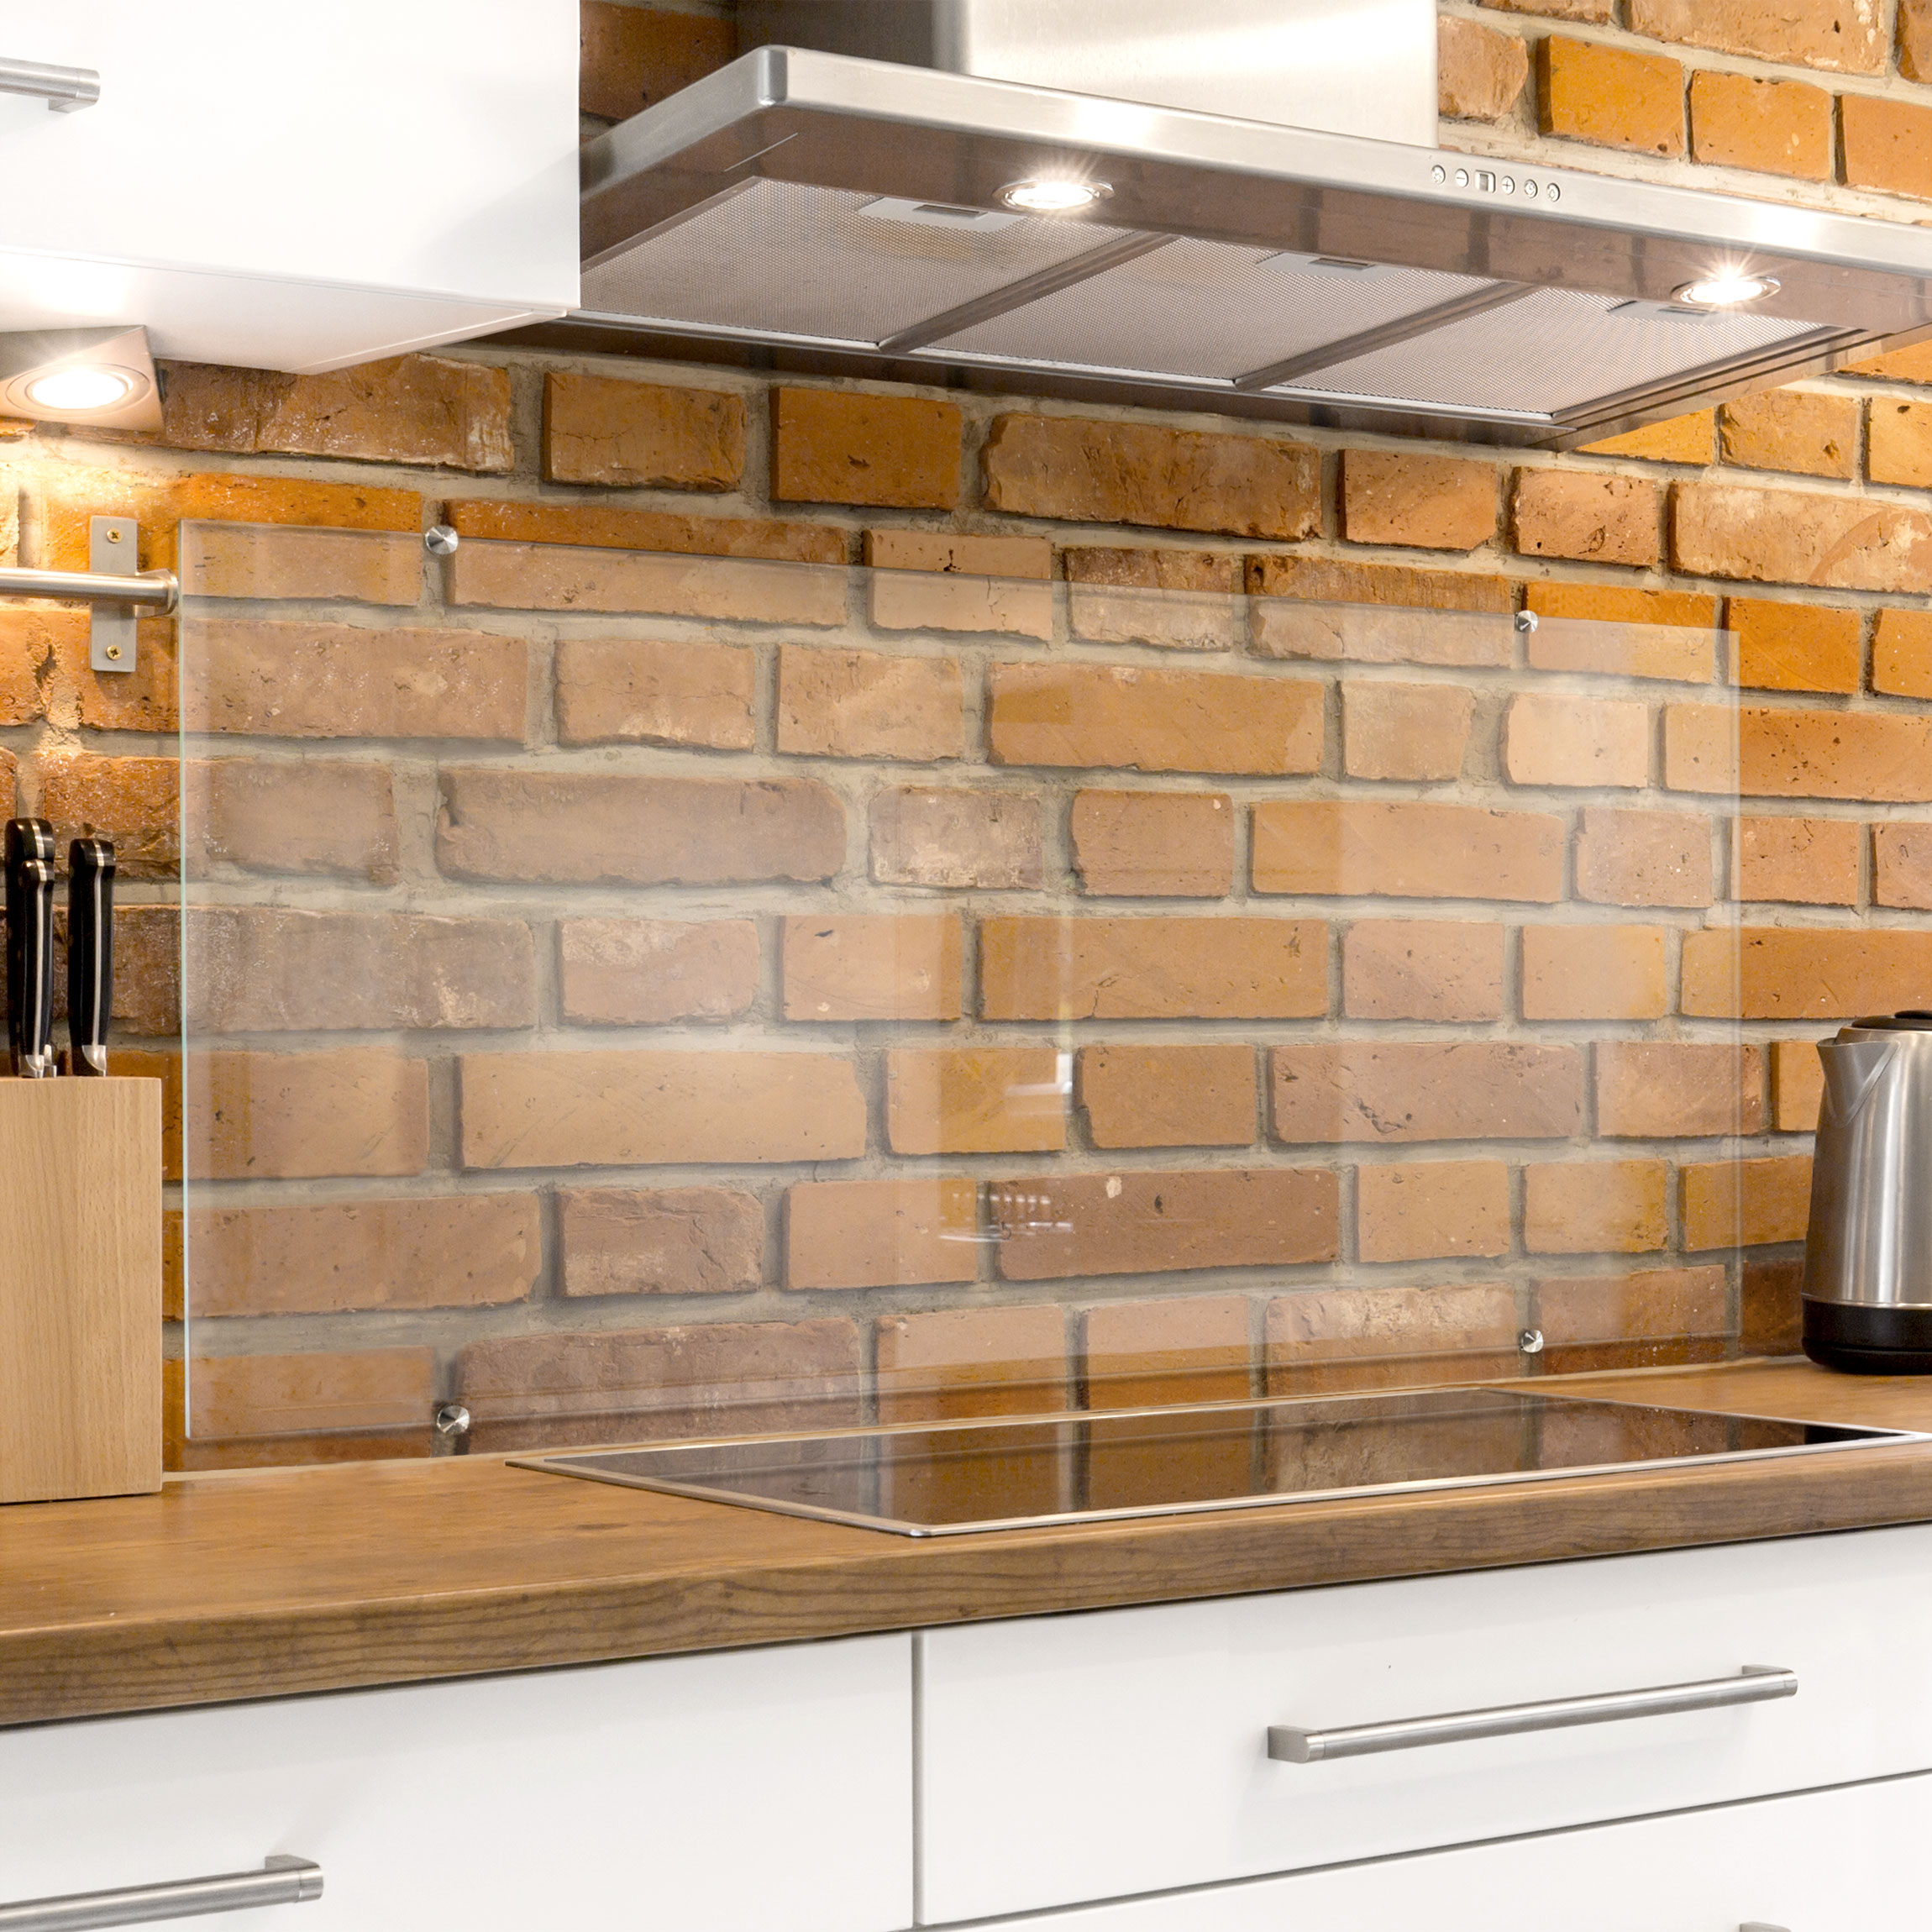 Paraschizzi Per Cucina In Vetro.Paraschizzi Cucina In Vetro Transparente Morsetti Incl Orizzontale 2 3